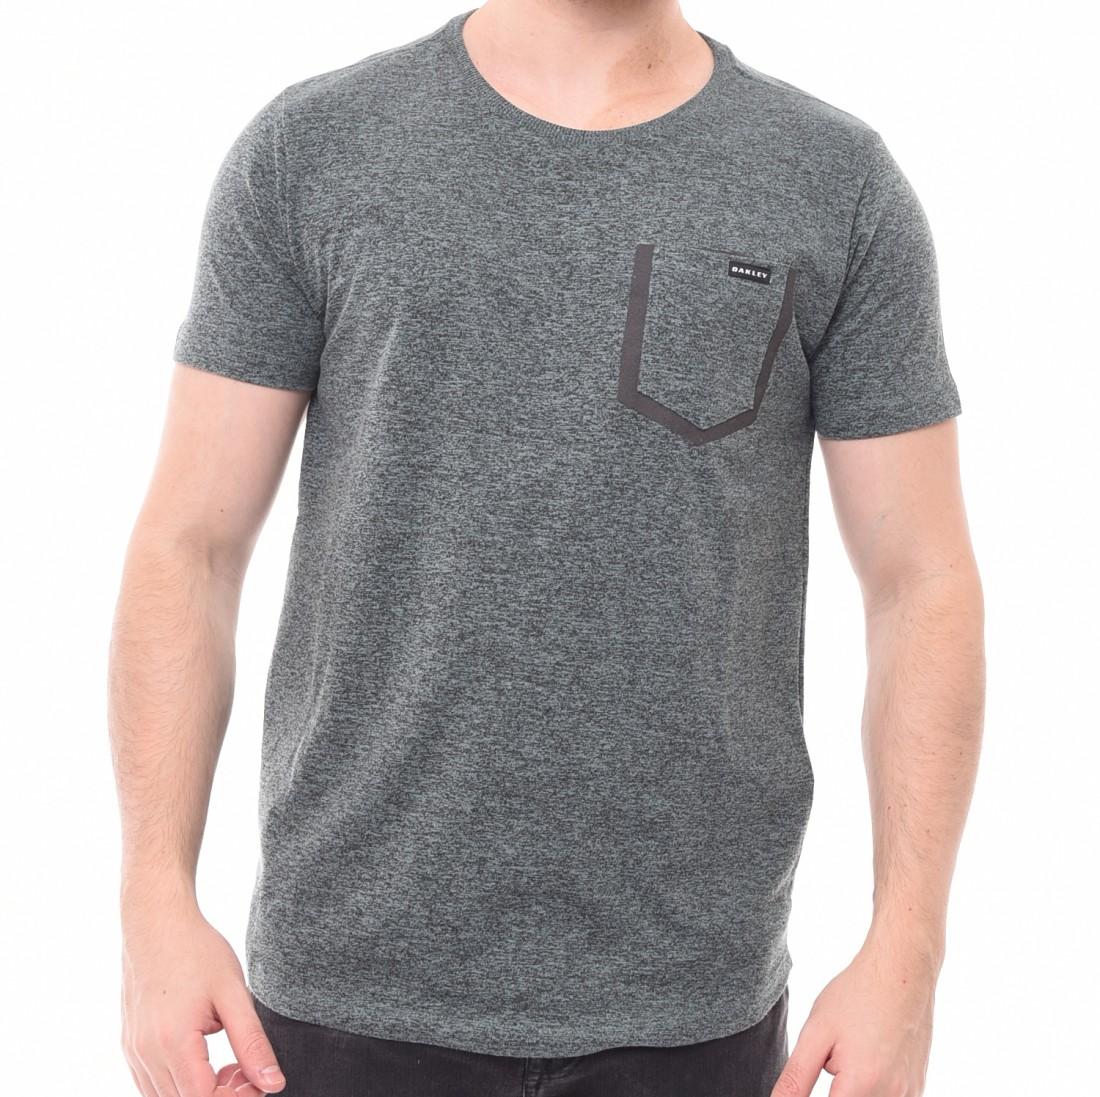 Camiseta Oakley com Bolso Verde Mescla - LM Martins - Veste você por ... 38d8a6d285f30